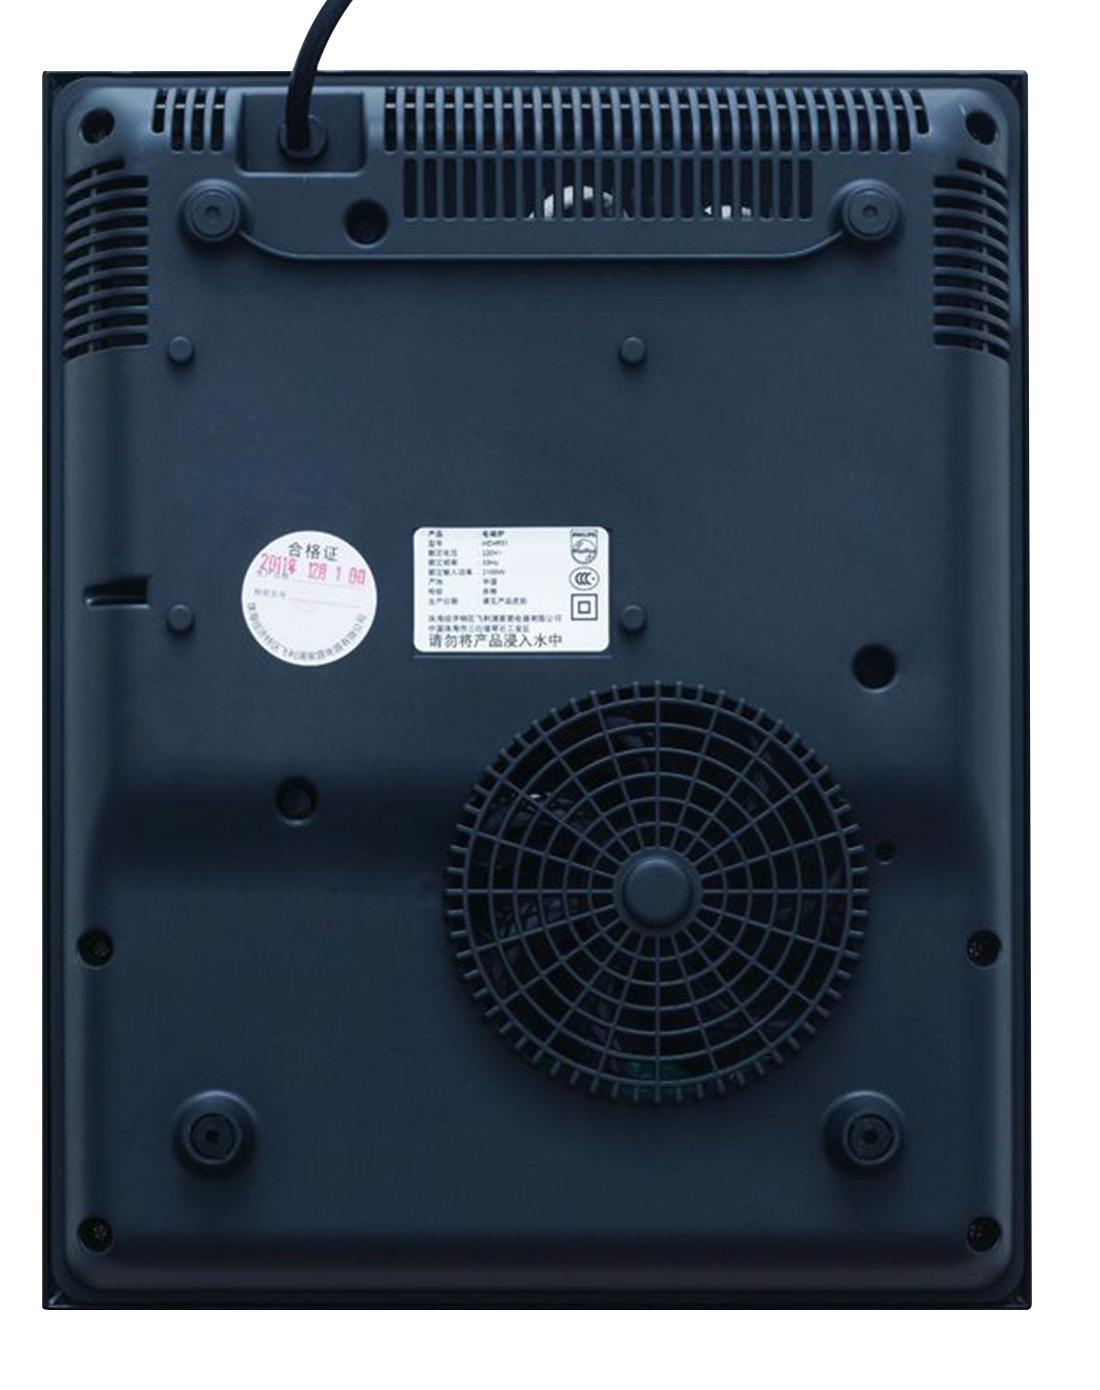 > 黑色微晶面板触控式电磁炉